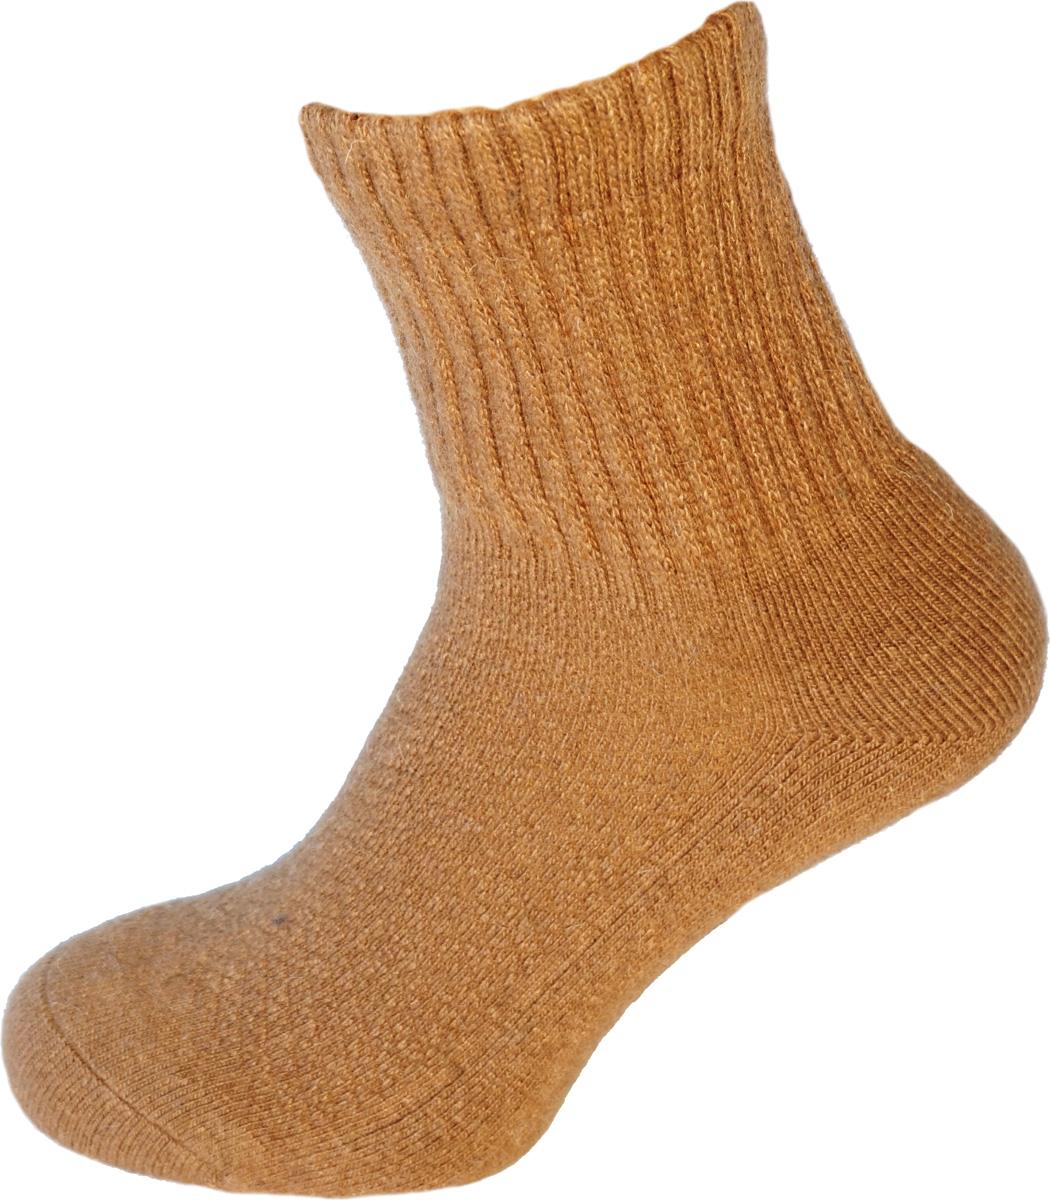 Термоноски BG Camel Wool, цвет: светло-коричневый. 825579_2. Размер 35/36825579_2Термоноски Camel Wool, выполненные из верблюжьей шерсти с добавлением вискозы, обладают высокой гигроскопичностью, препятствуют переохлаждению и перегреву стоп. Подходят для чувствительной кожи, улучшают циркуляцию крови. Отличаются высокой износостойкостью.